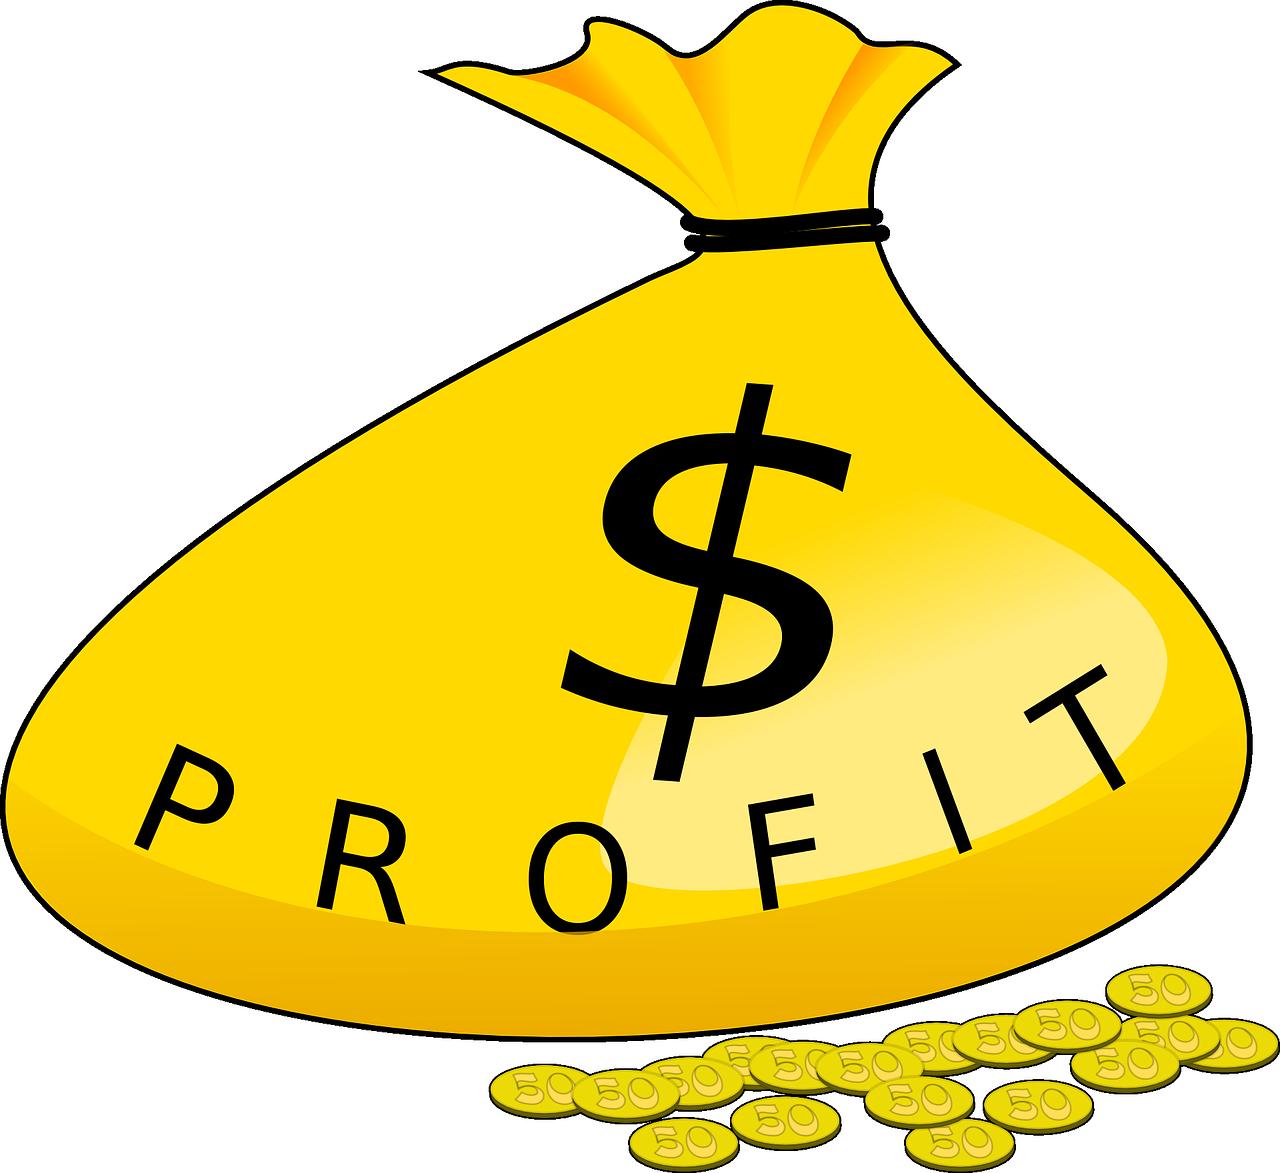 2021年版|今すぐにお金を作る28の方法!!知識がない方でもキャッシングやカードローン以外で1万,5万,10万,100万を即日現金化!!